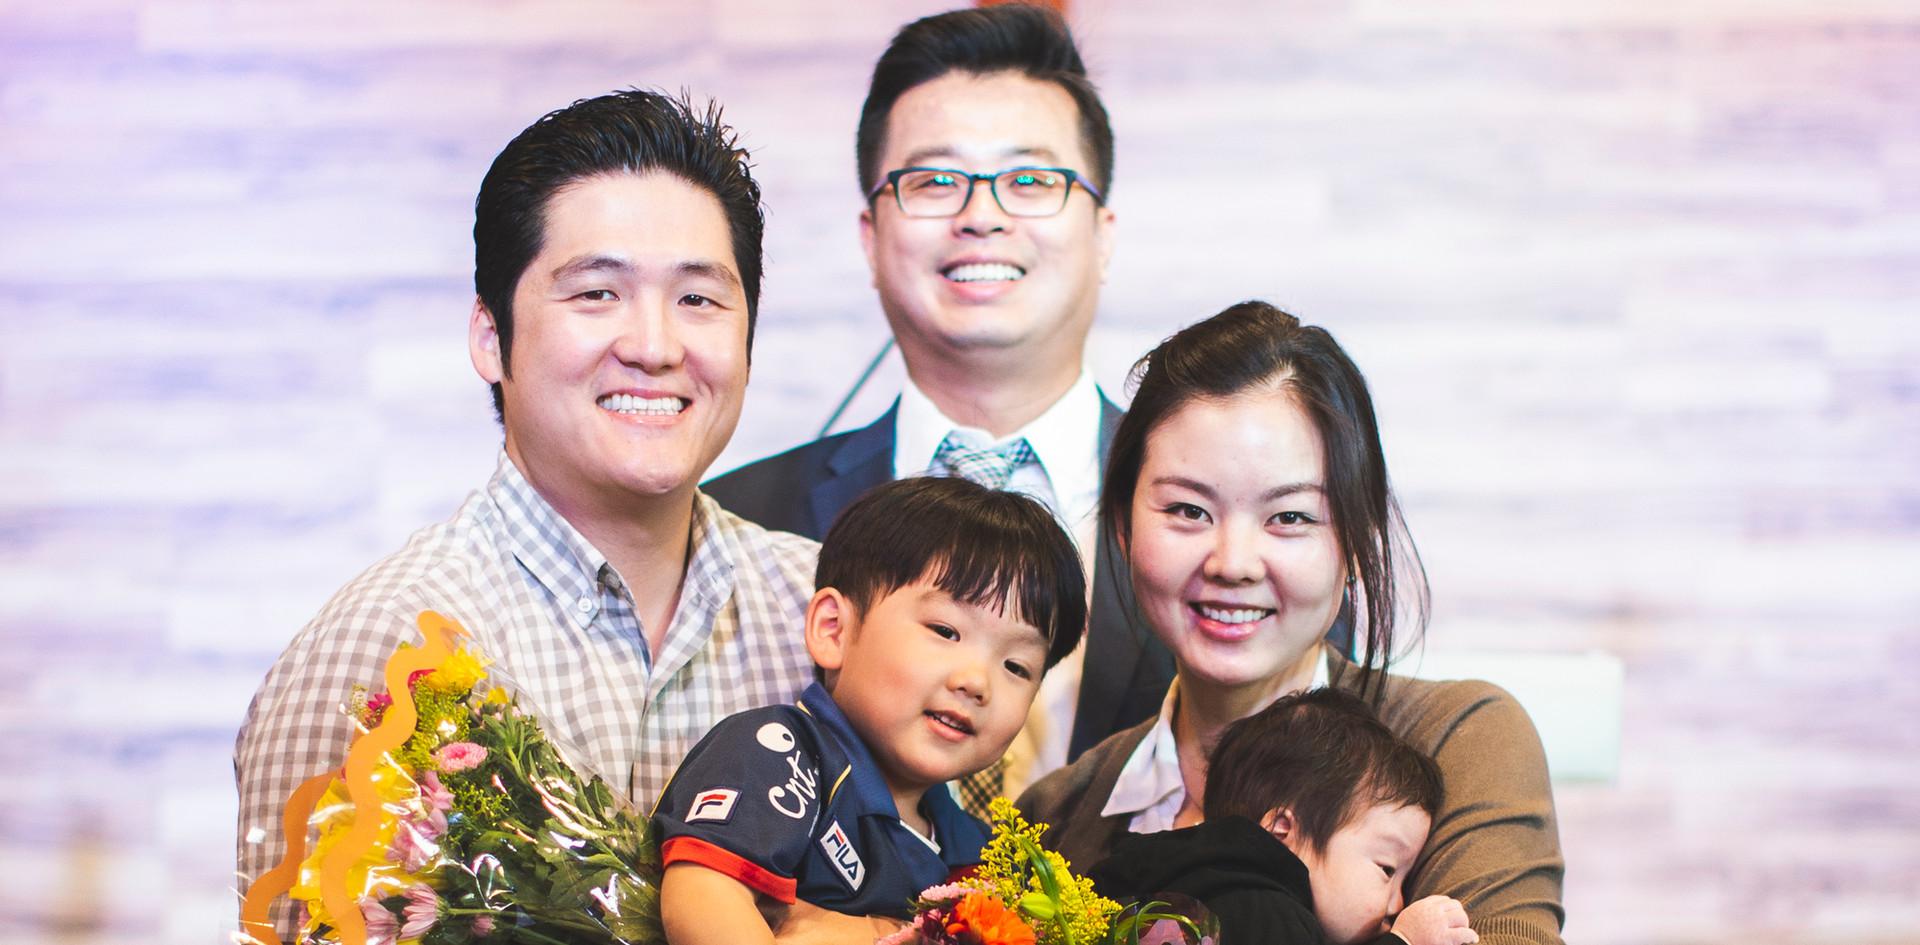 HOG_Baptism_Easter_042119_0157.jpg